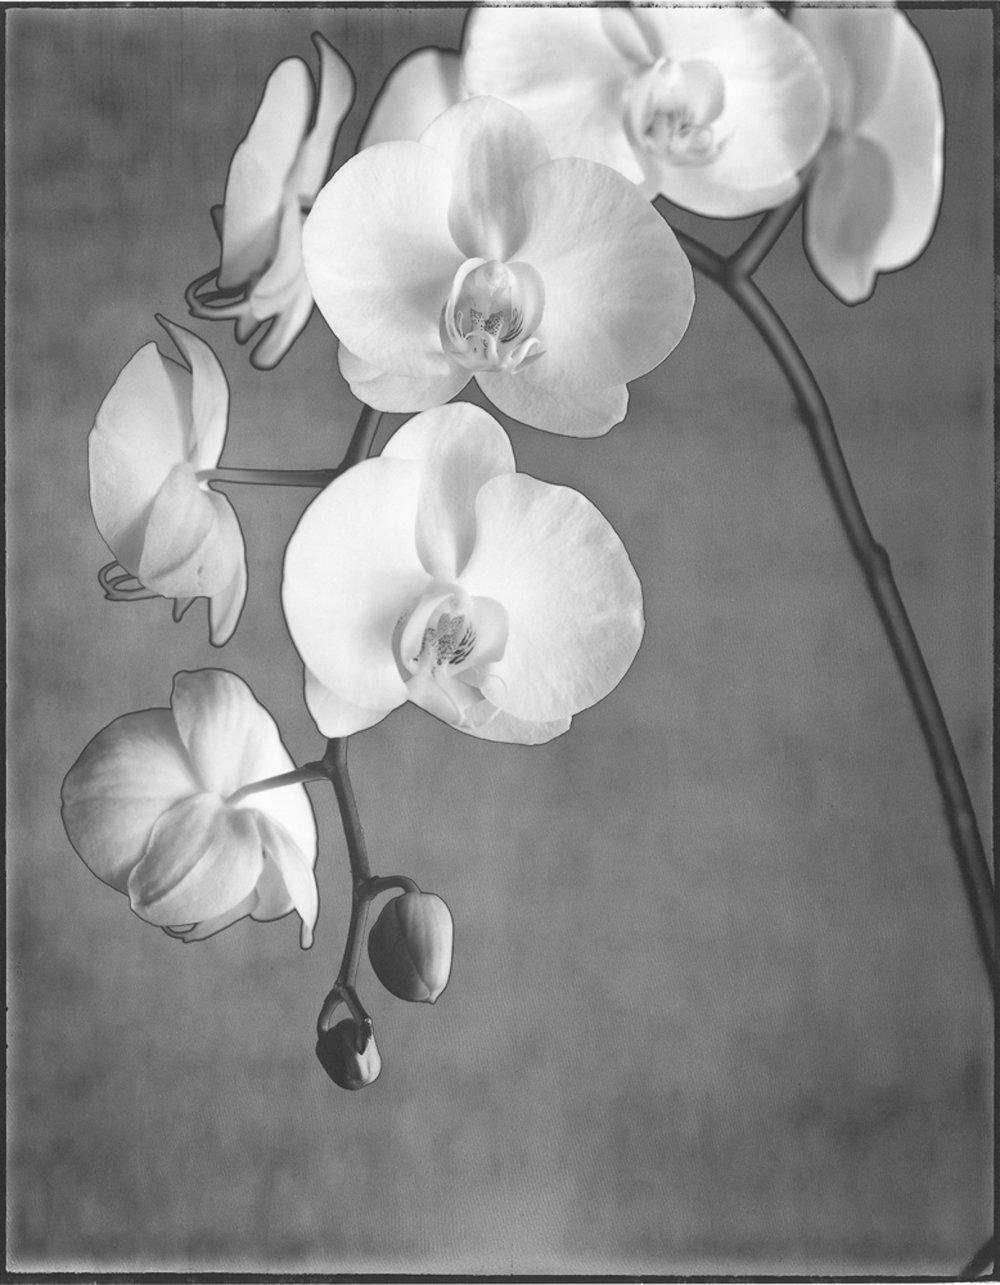 orchid_phaleanposis-Edit.jpg